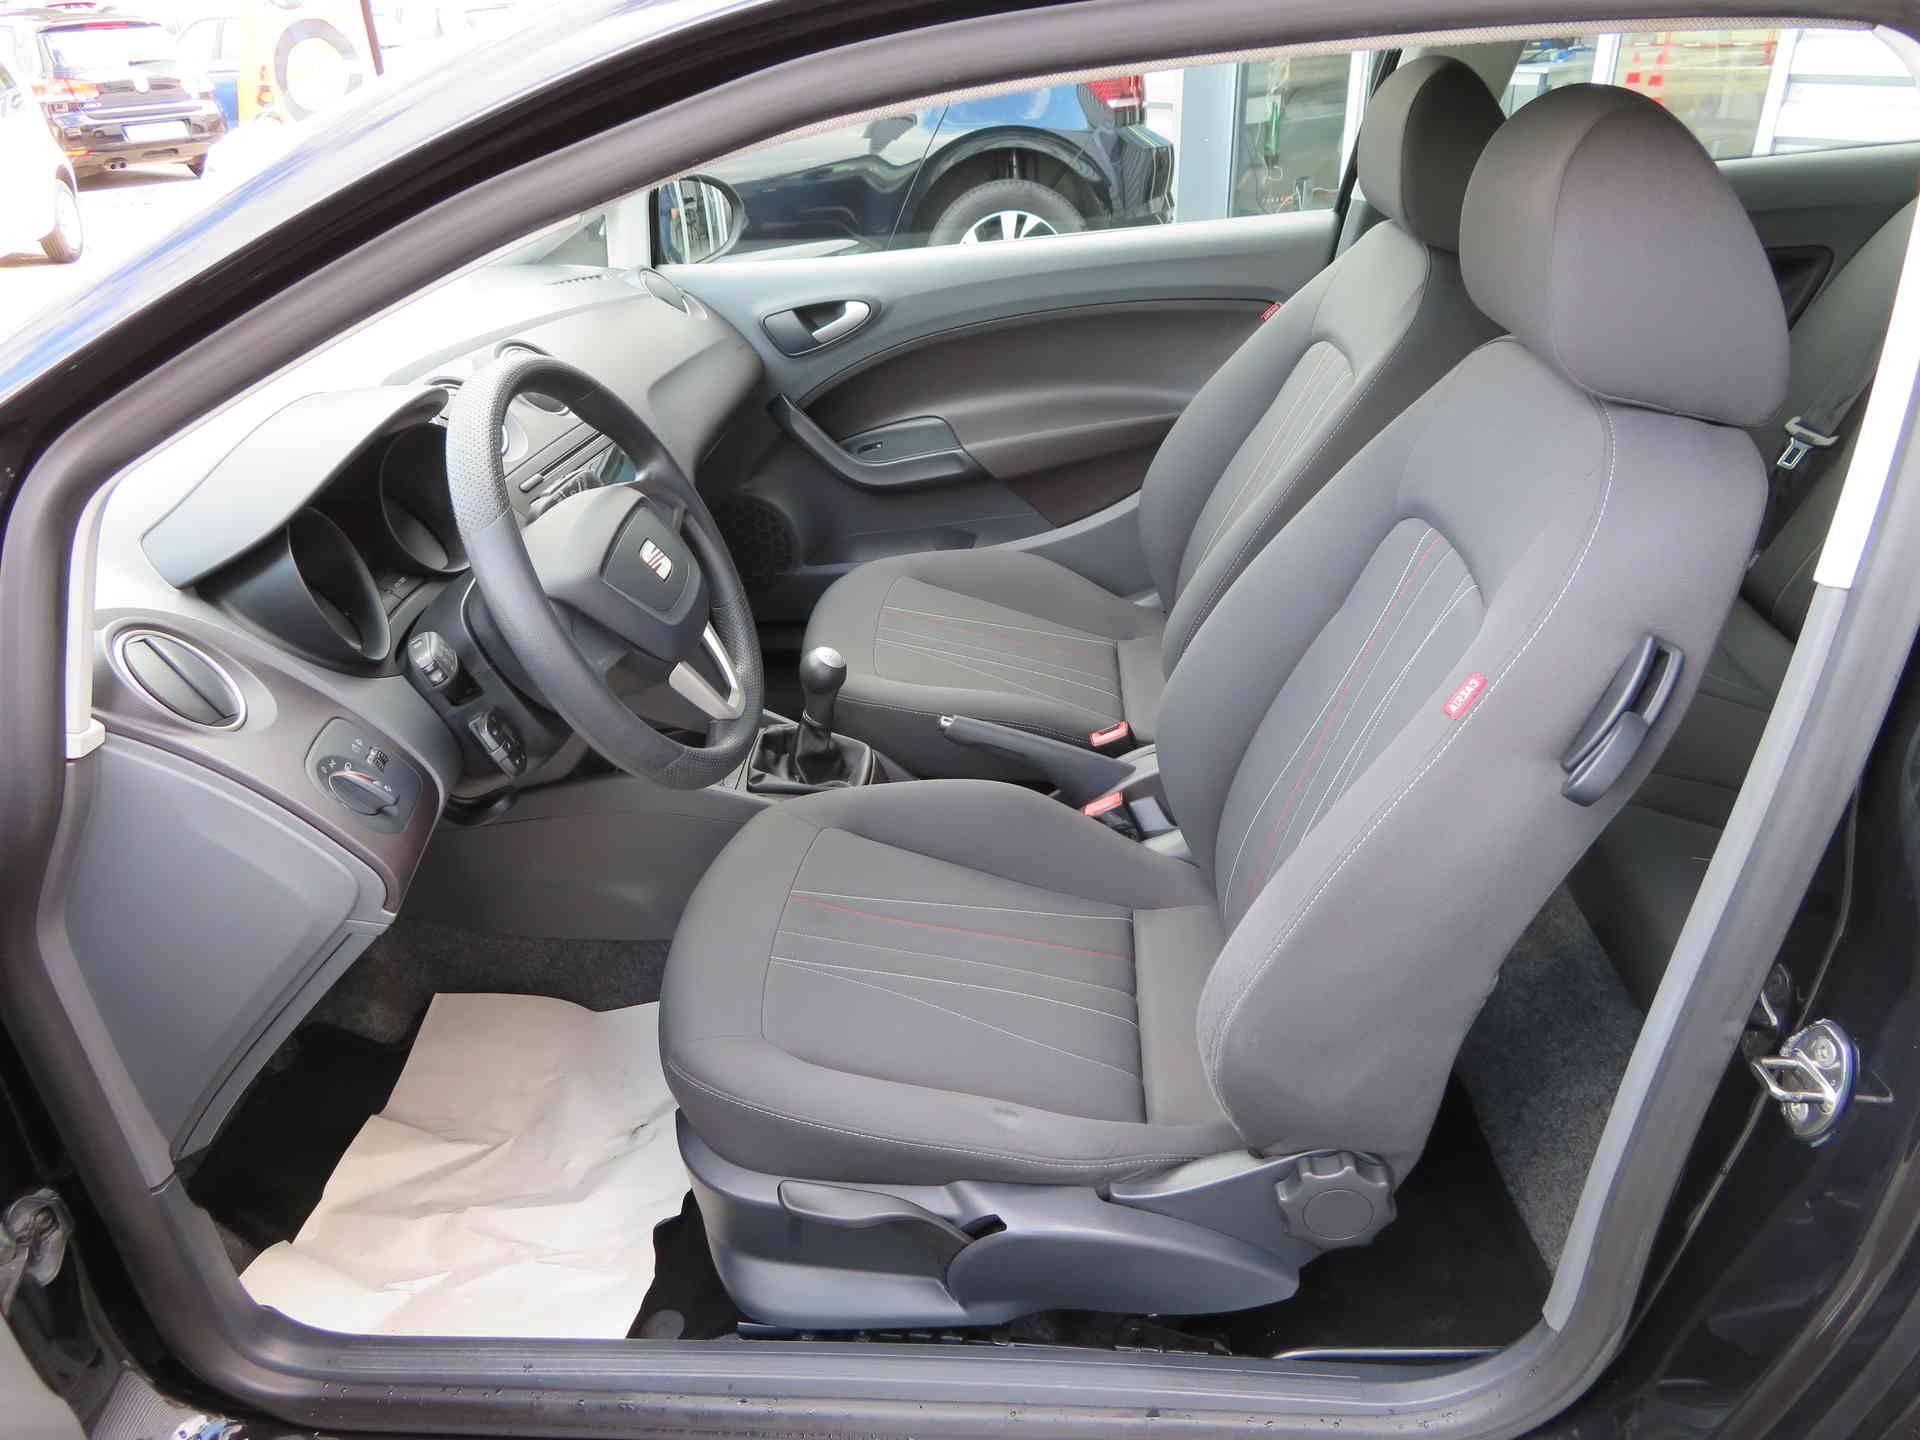 6 - Ibiza SC 1.4i 16V 85